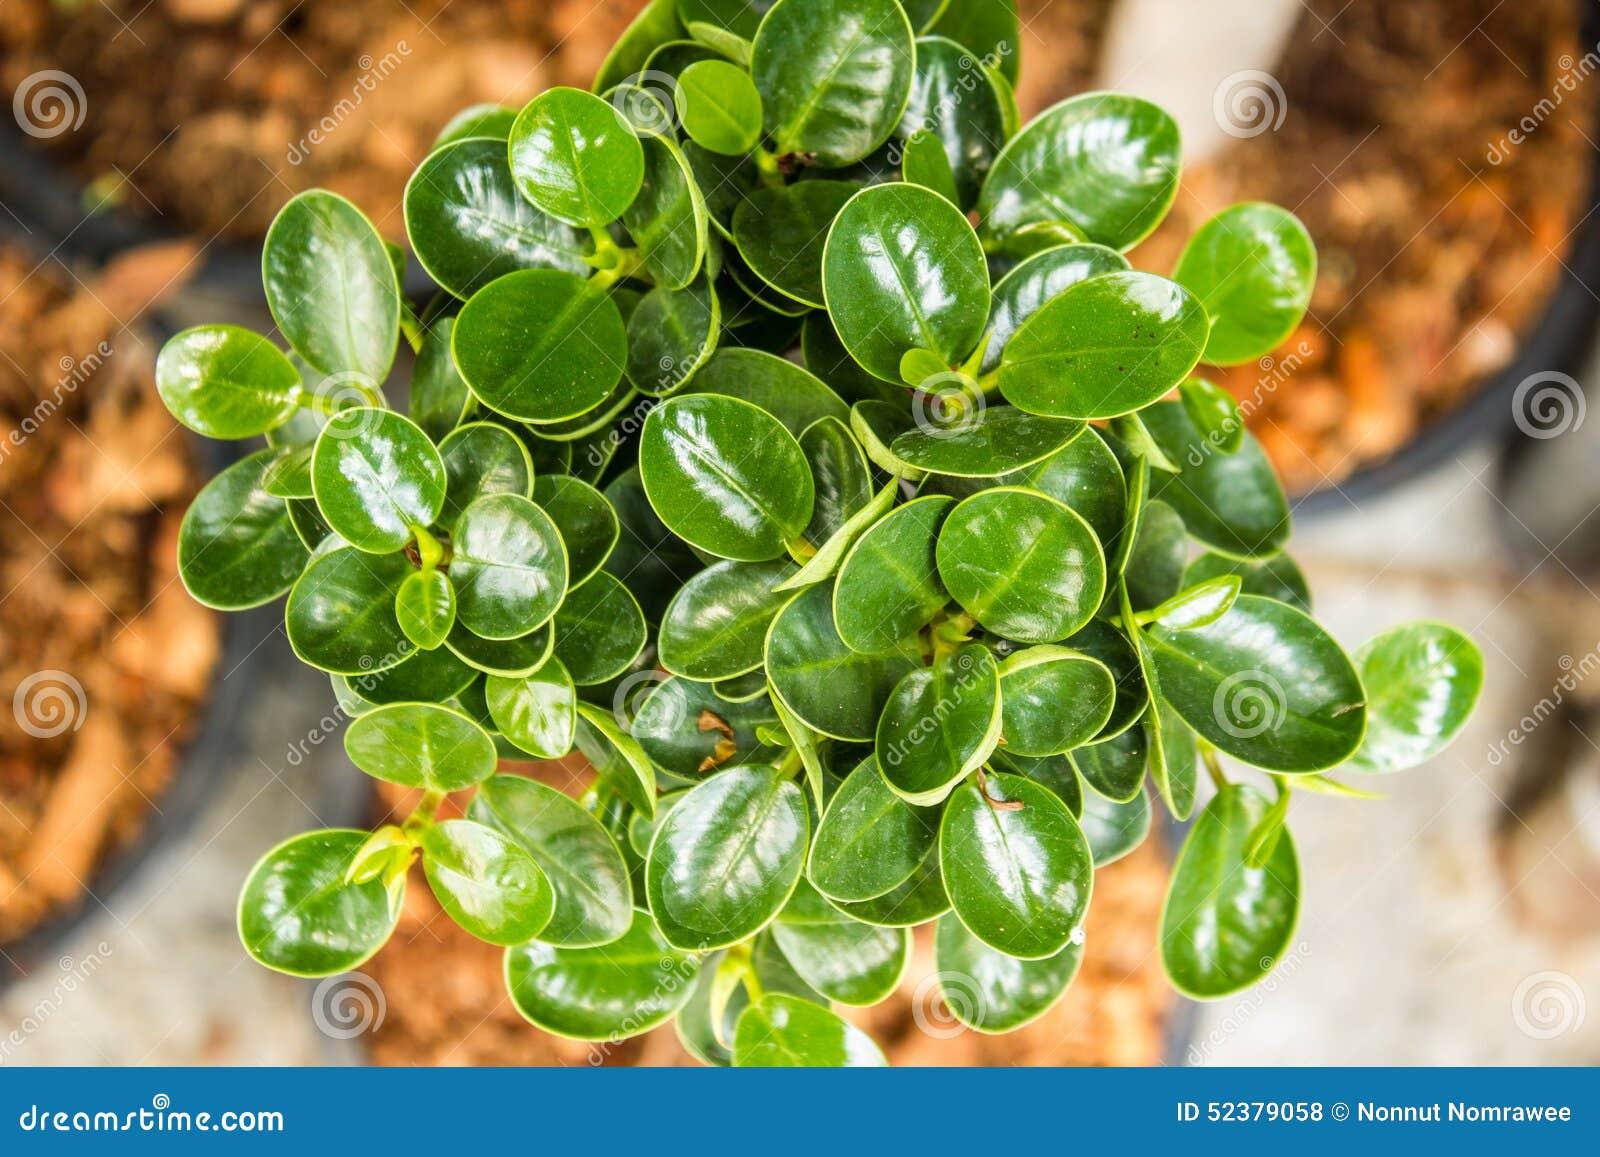 Verde de las plantas ornamentales foto de archivo imagen for 6 plantas ornamentales